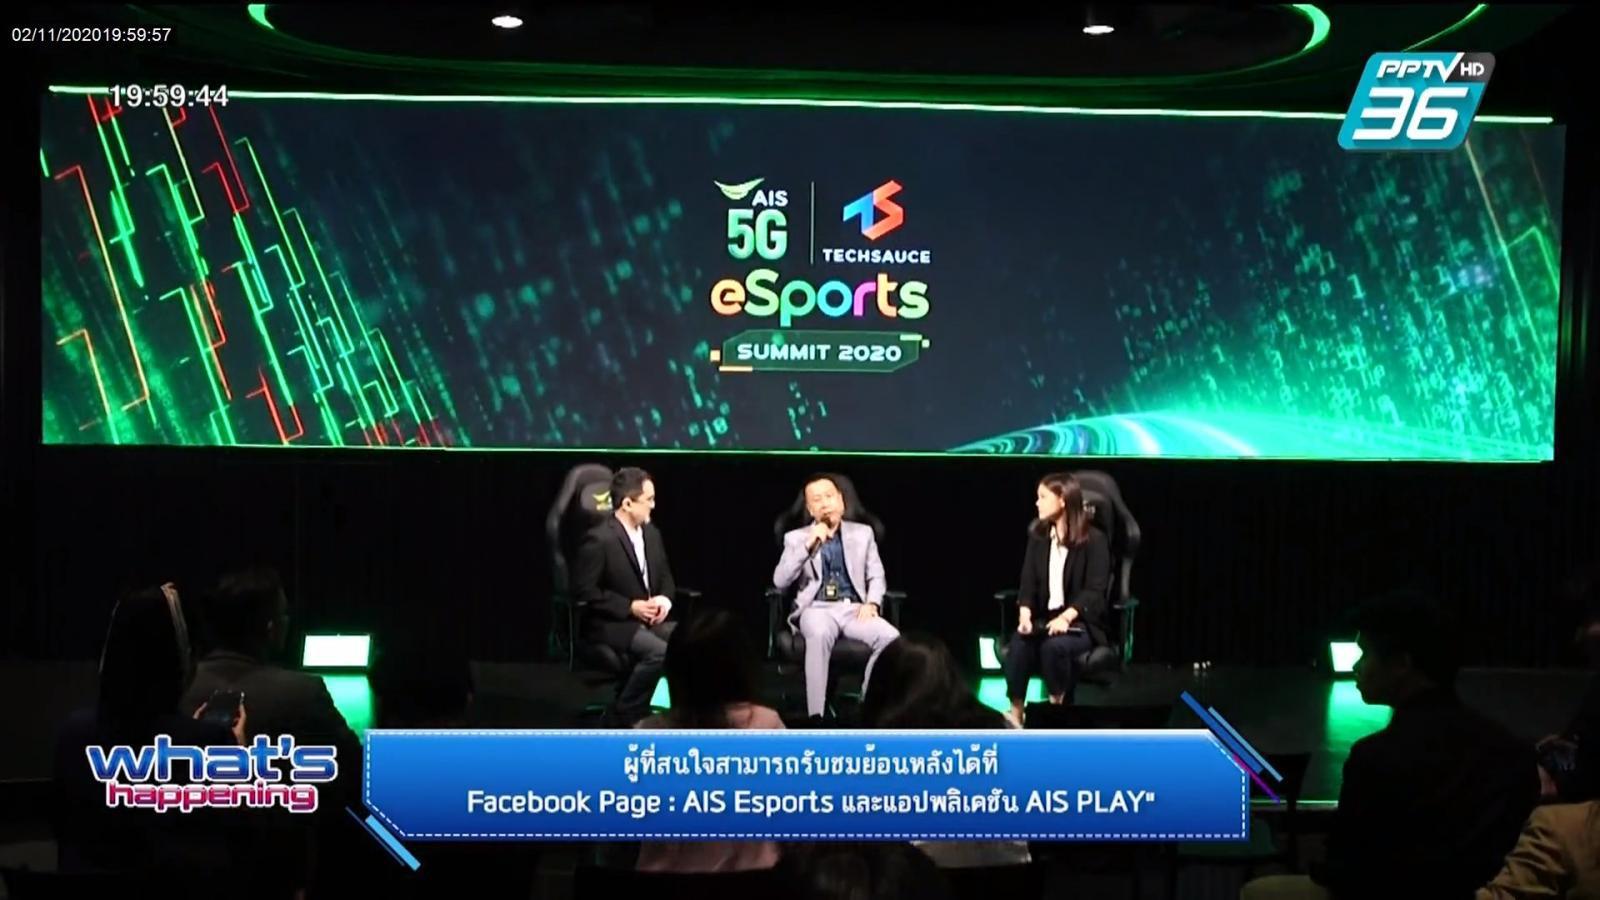 เอไอเอส จัดใหญ่ AIS x Techsauce Esports Summit 2020